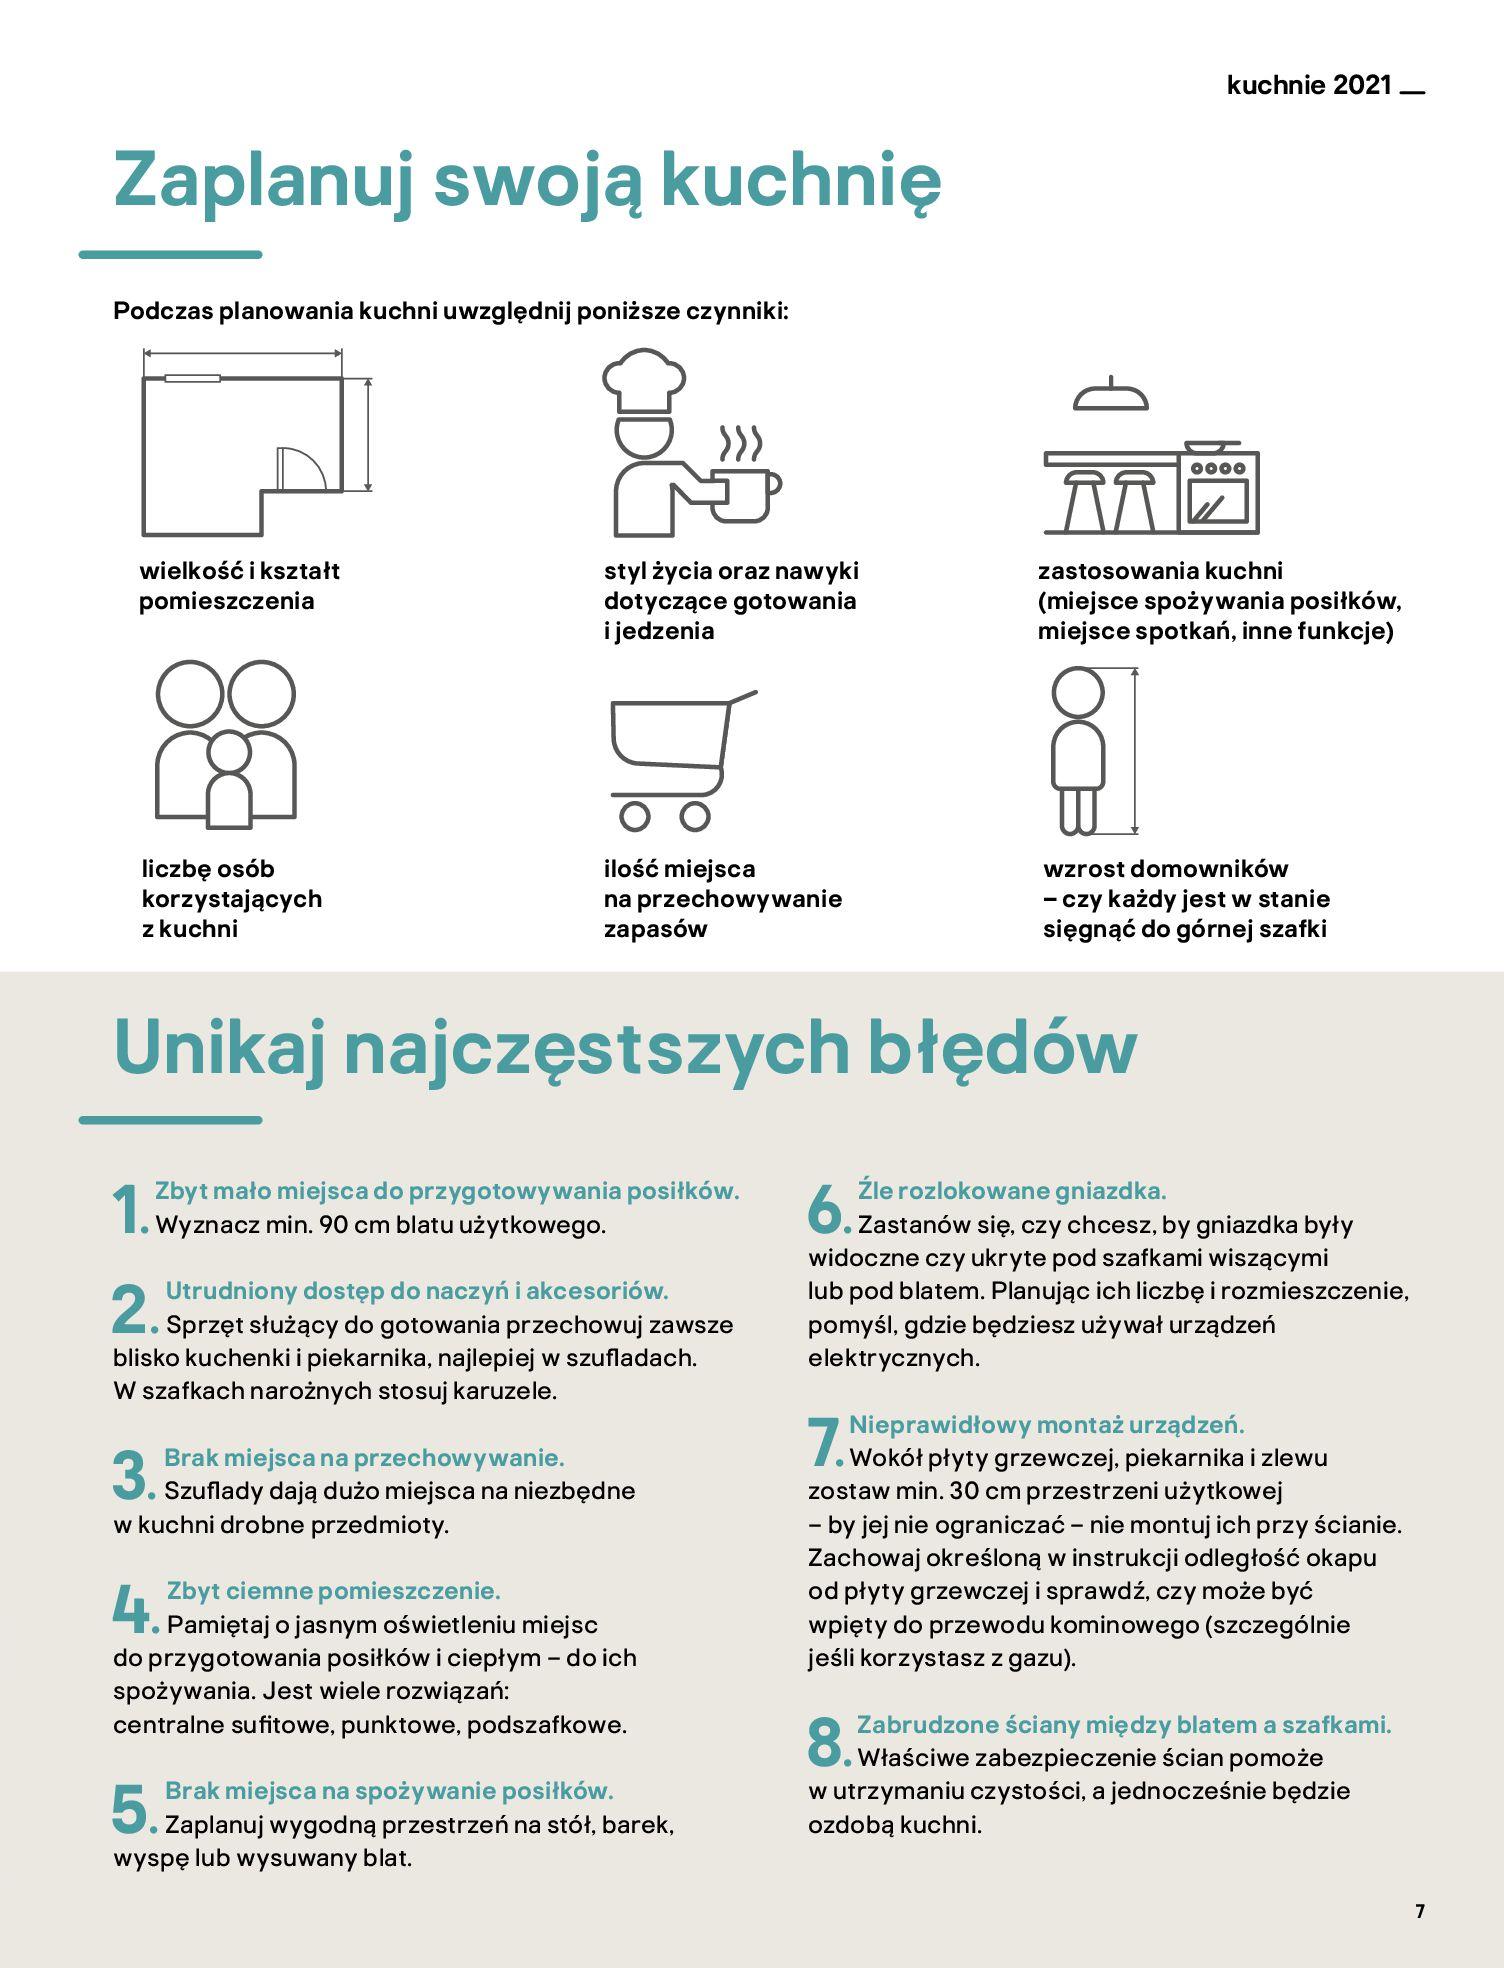 Gazetka Castorama: Katalog kuchnie 2021 2021-05-04 page-7